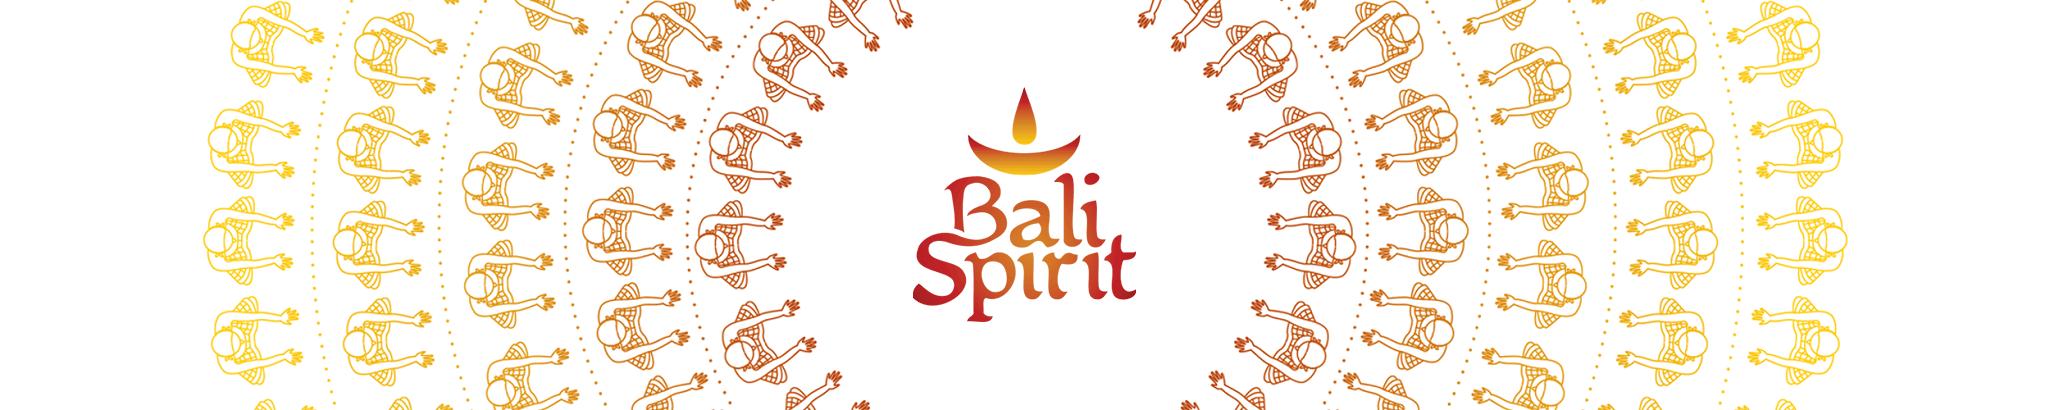 BaliSpirit